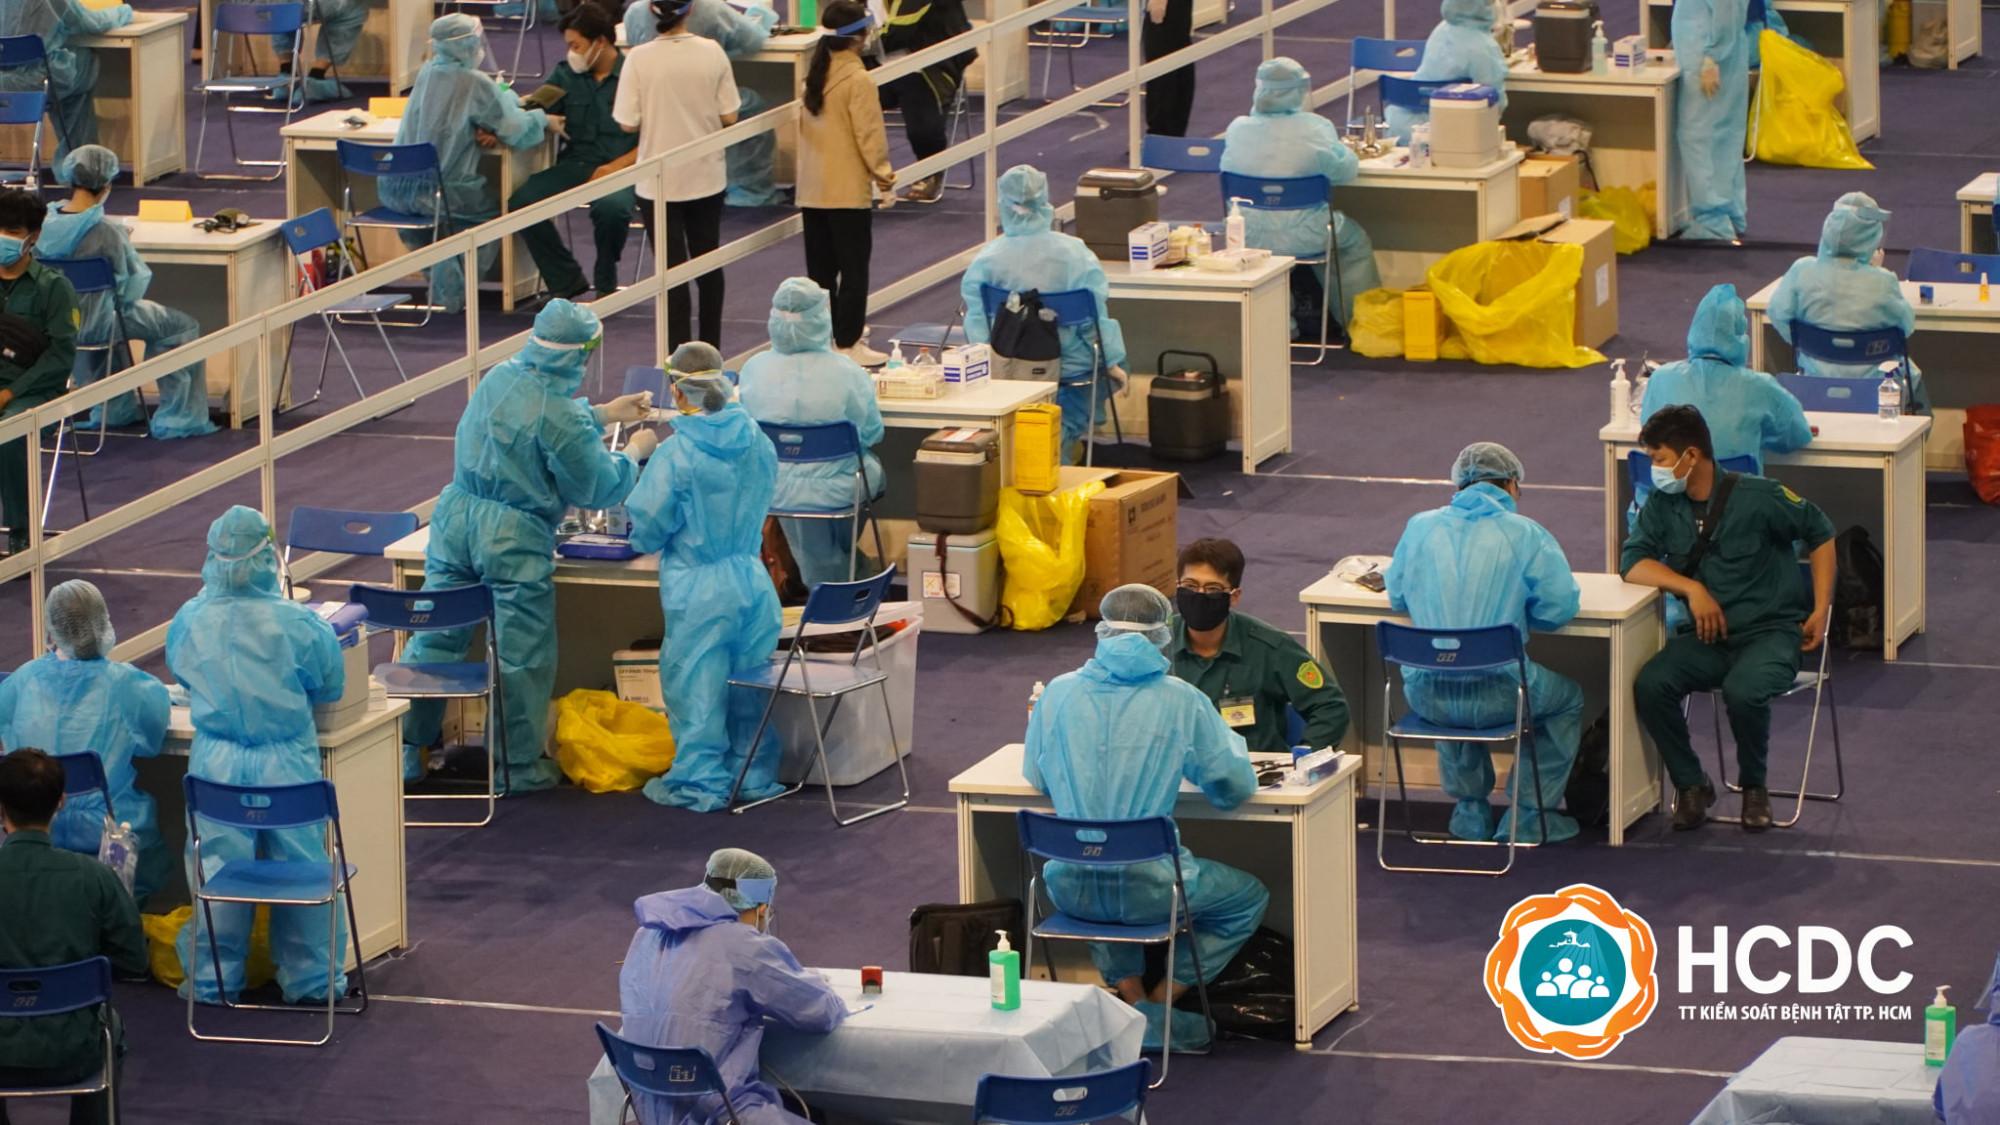 Tiêm vắc xin COVID-19 tại Nhà thi đấu Phú Thọ. Ảnh: HCDC